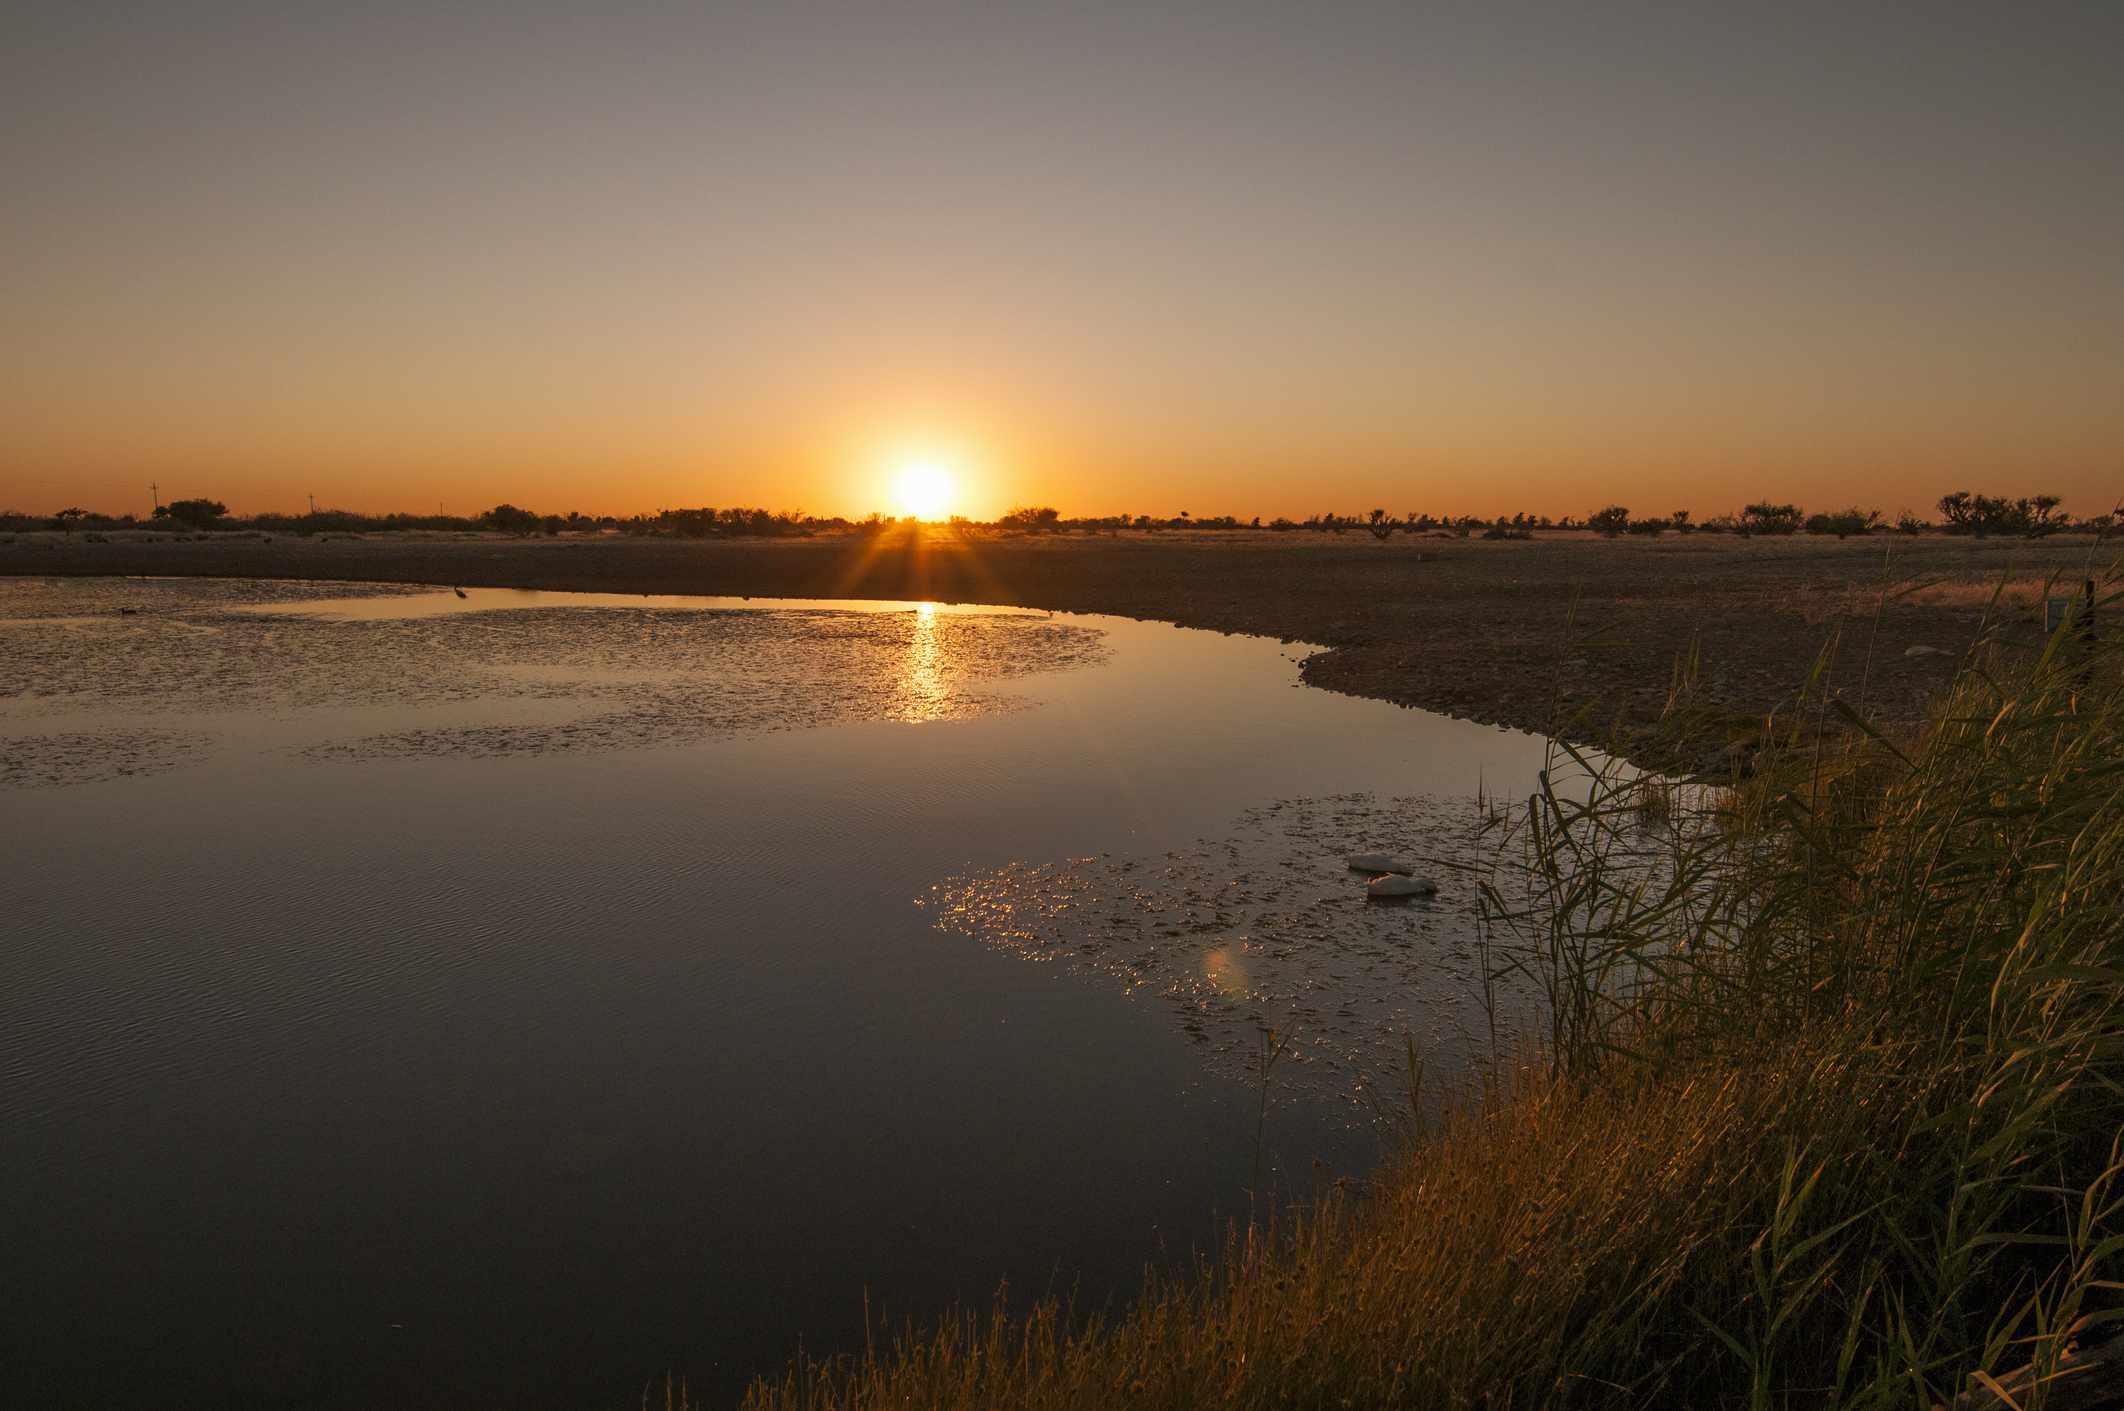 Puesta de sol sobre el Santuario de Aves Barberspan, Noroeste